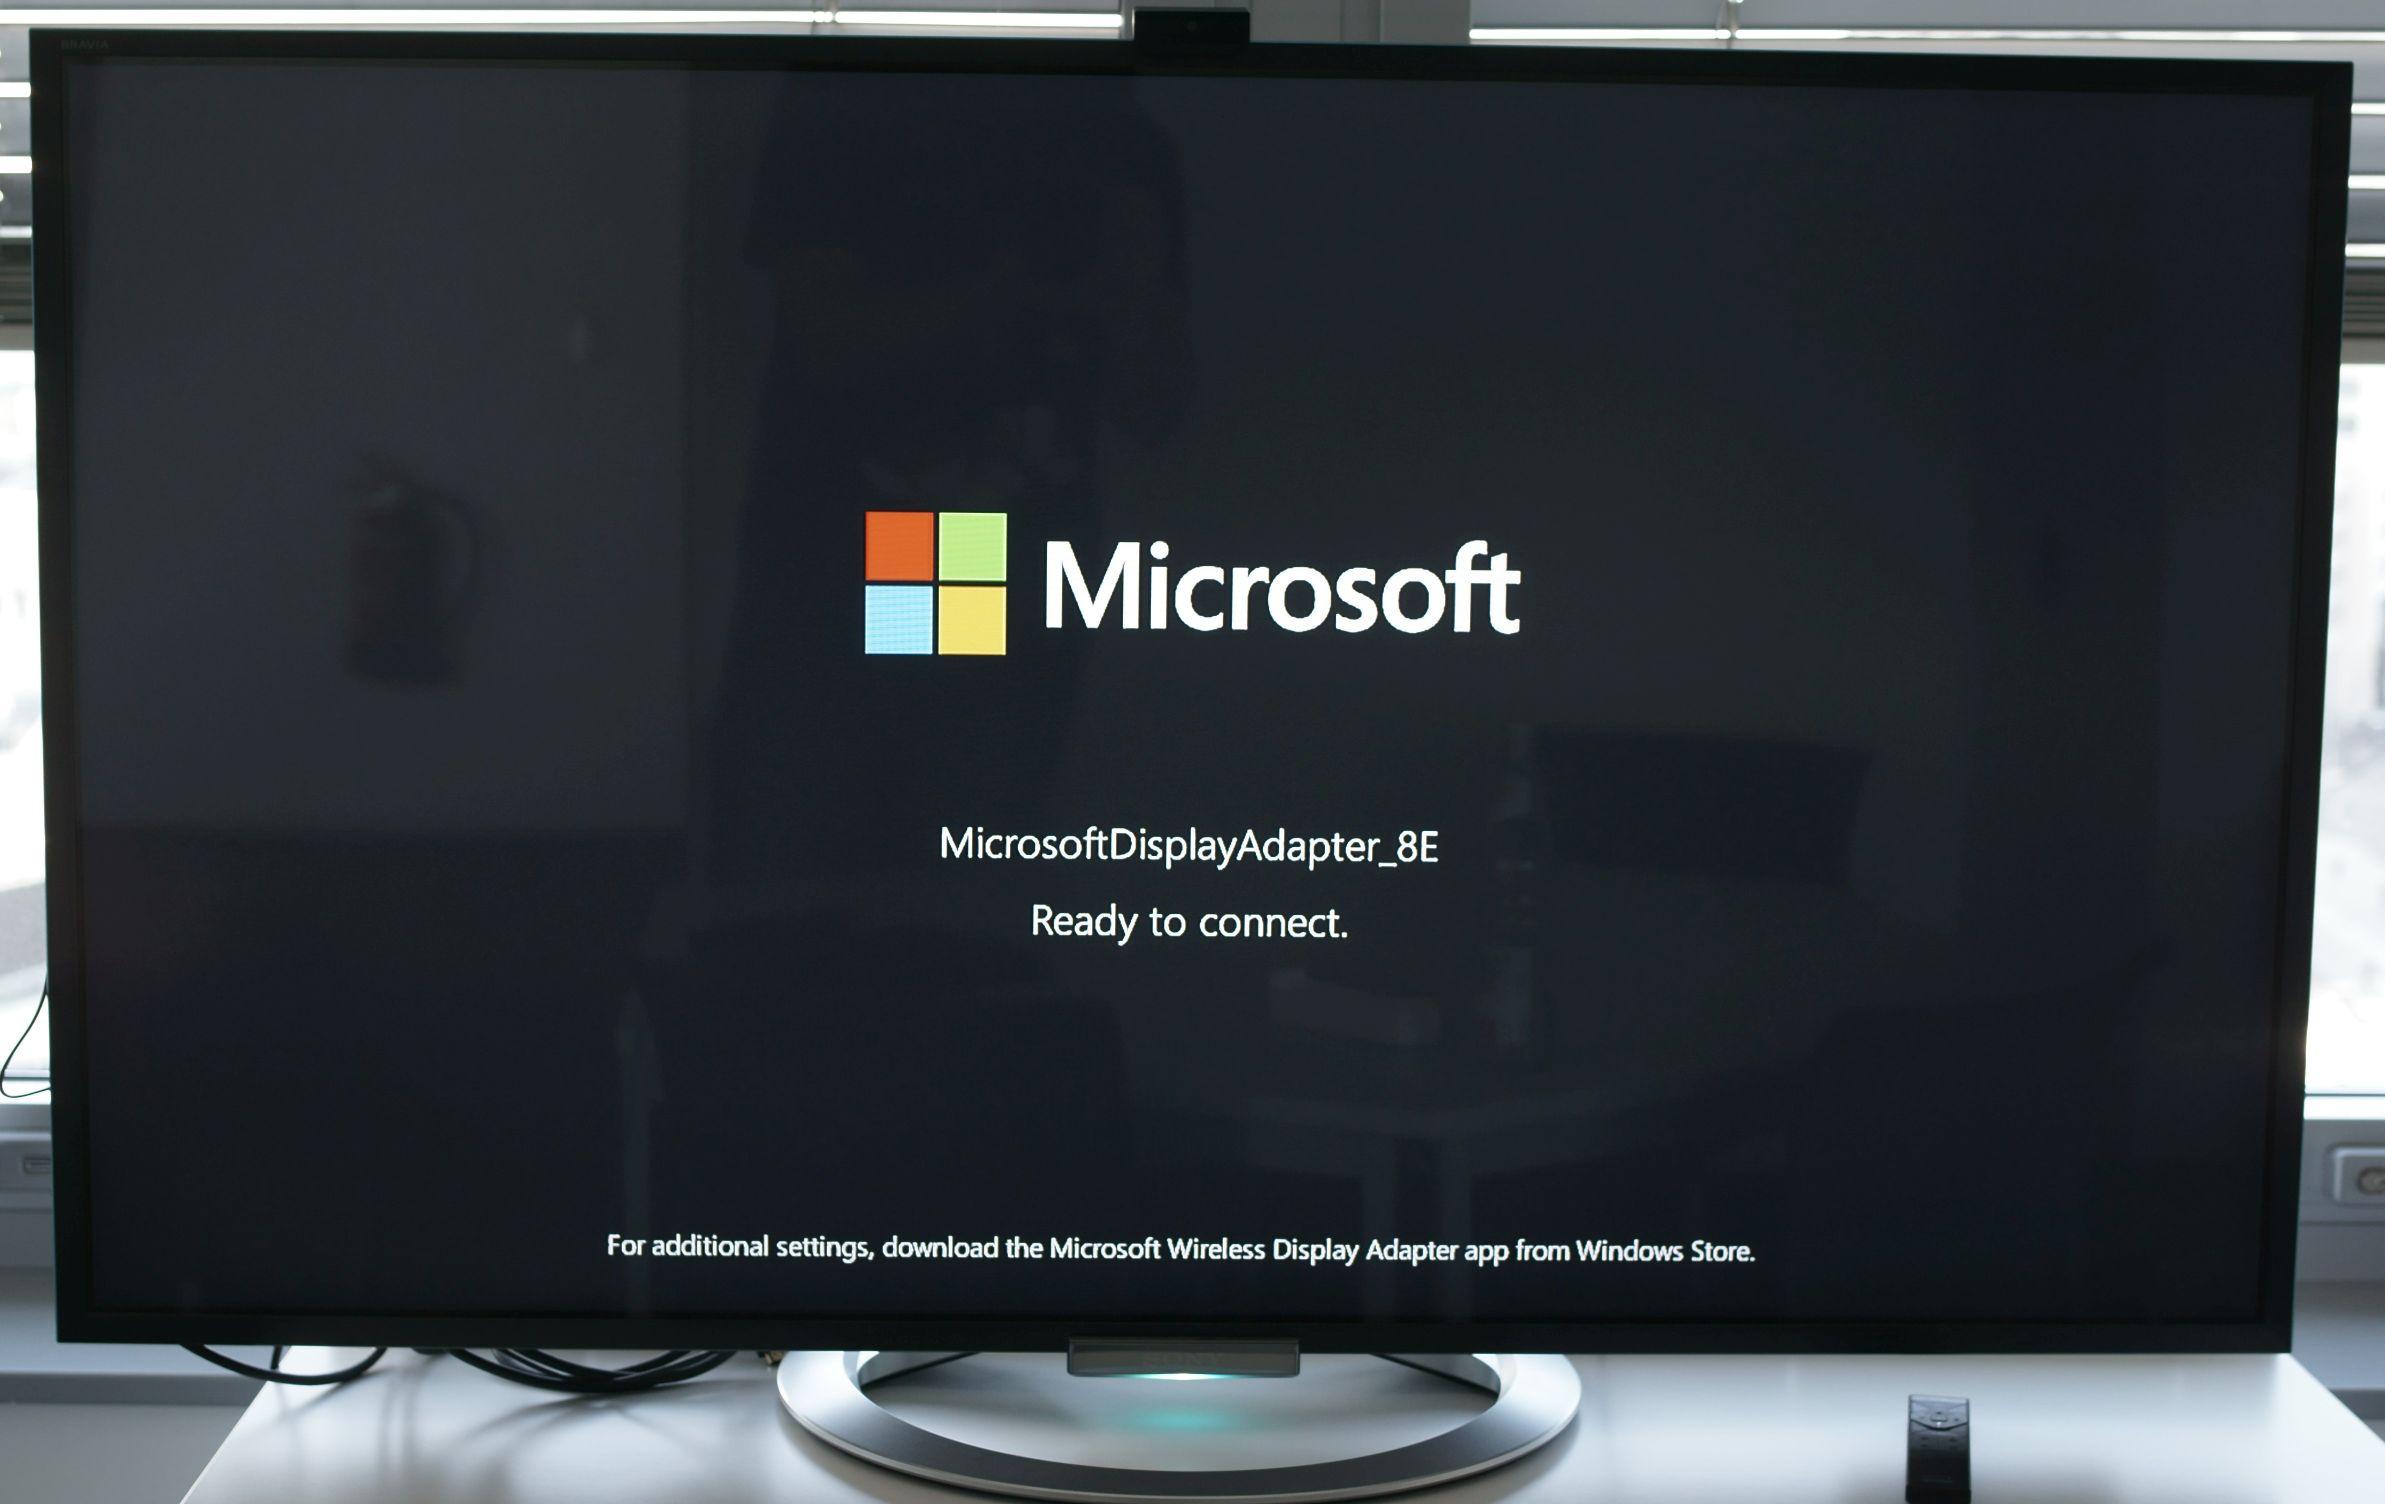 Grundig Fernseher Mit Laptop Verbinden : Test und gewinnspiel: microsoft wireless display adapter